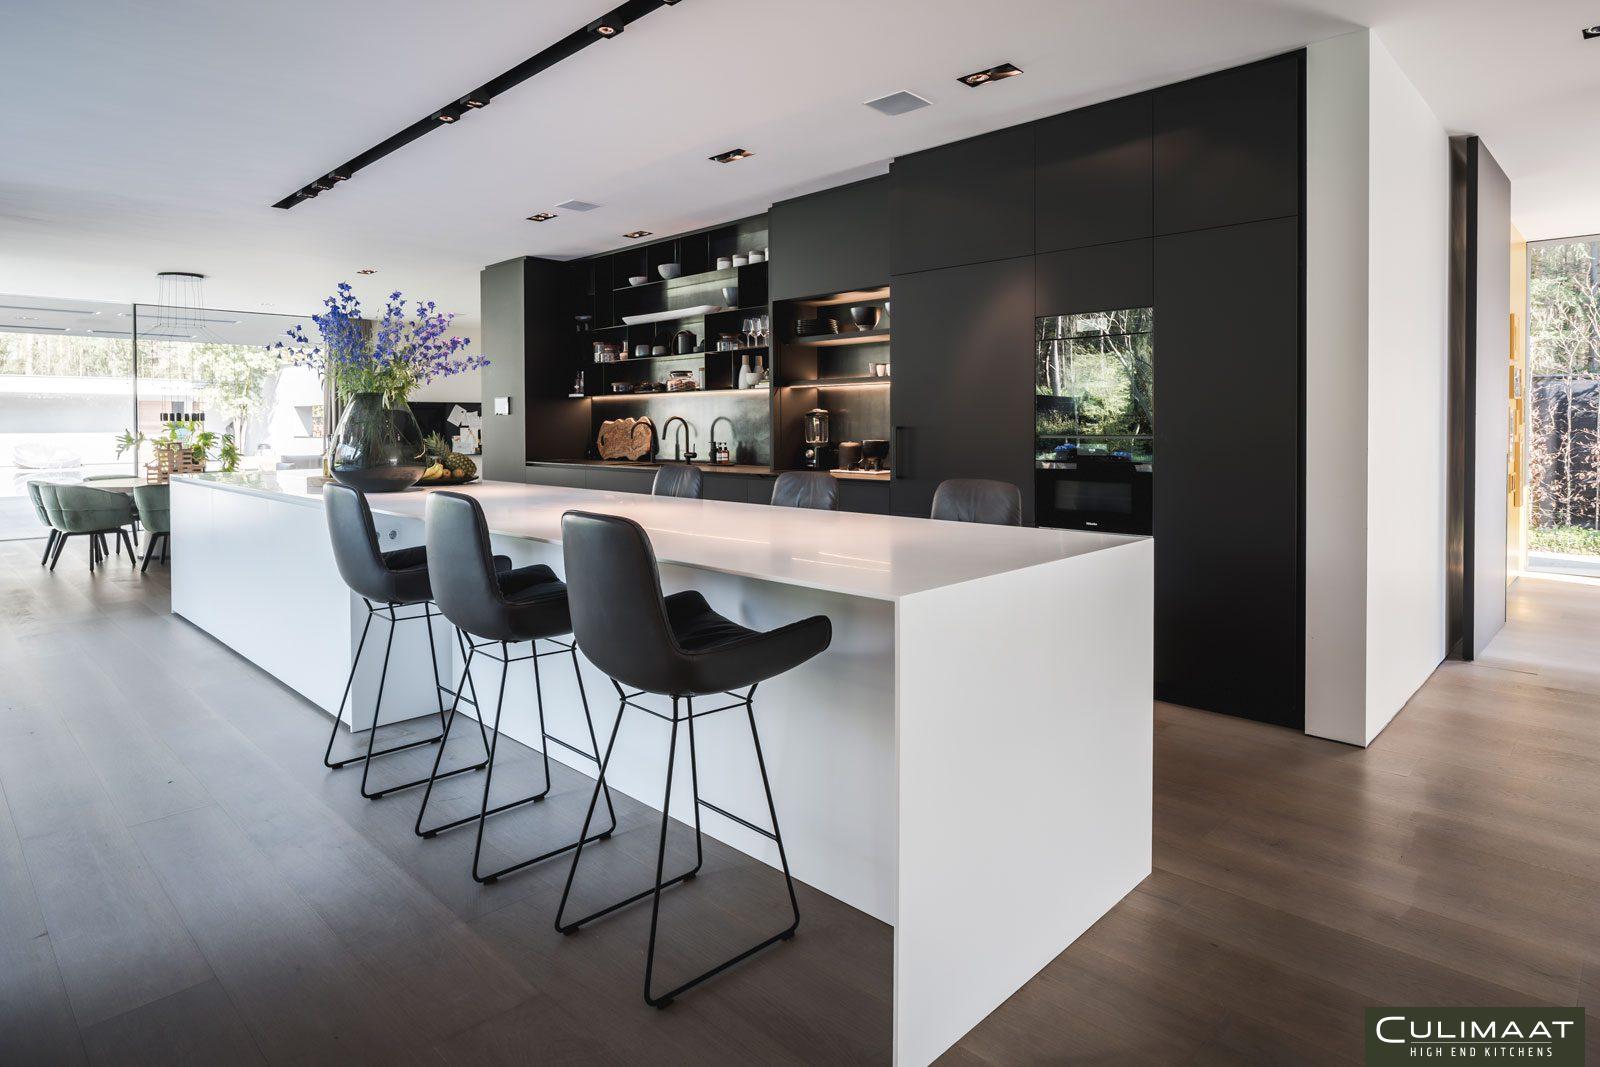 zwart wit kleuren, culimaat, keukeninspiratie, keuken